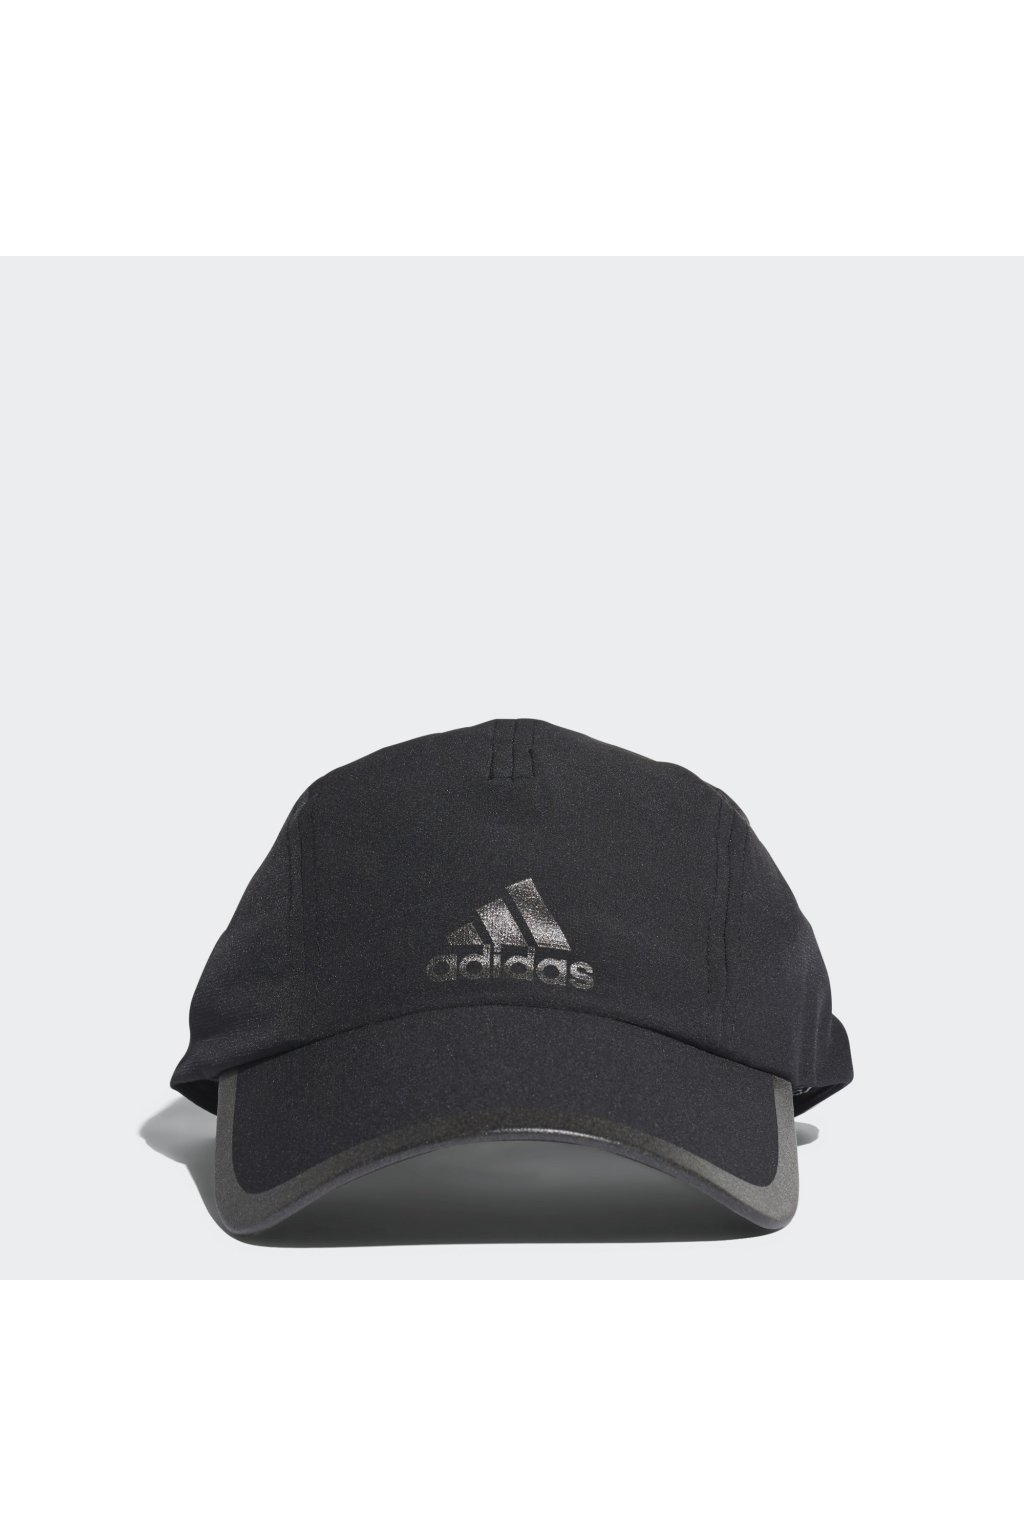 siltovka adidas r96 cf9630 (1)